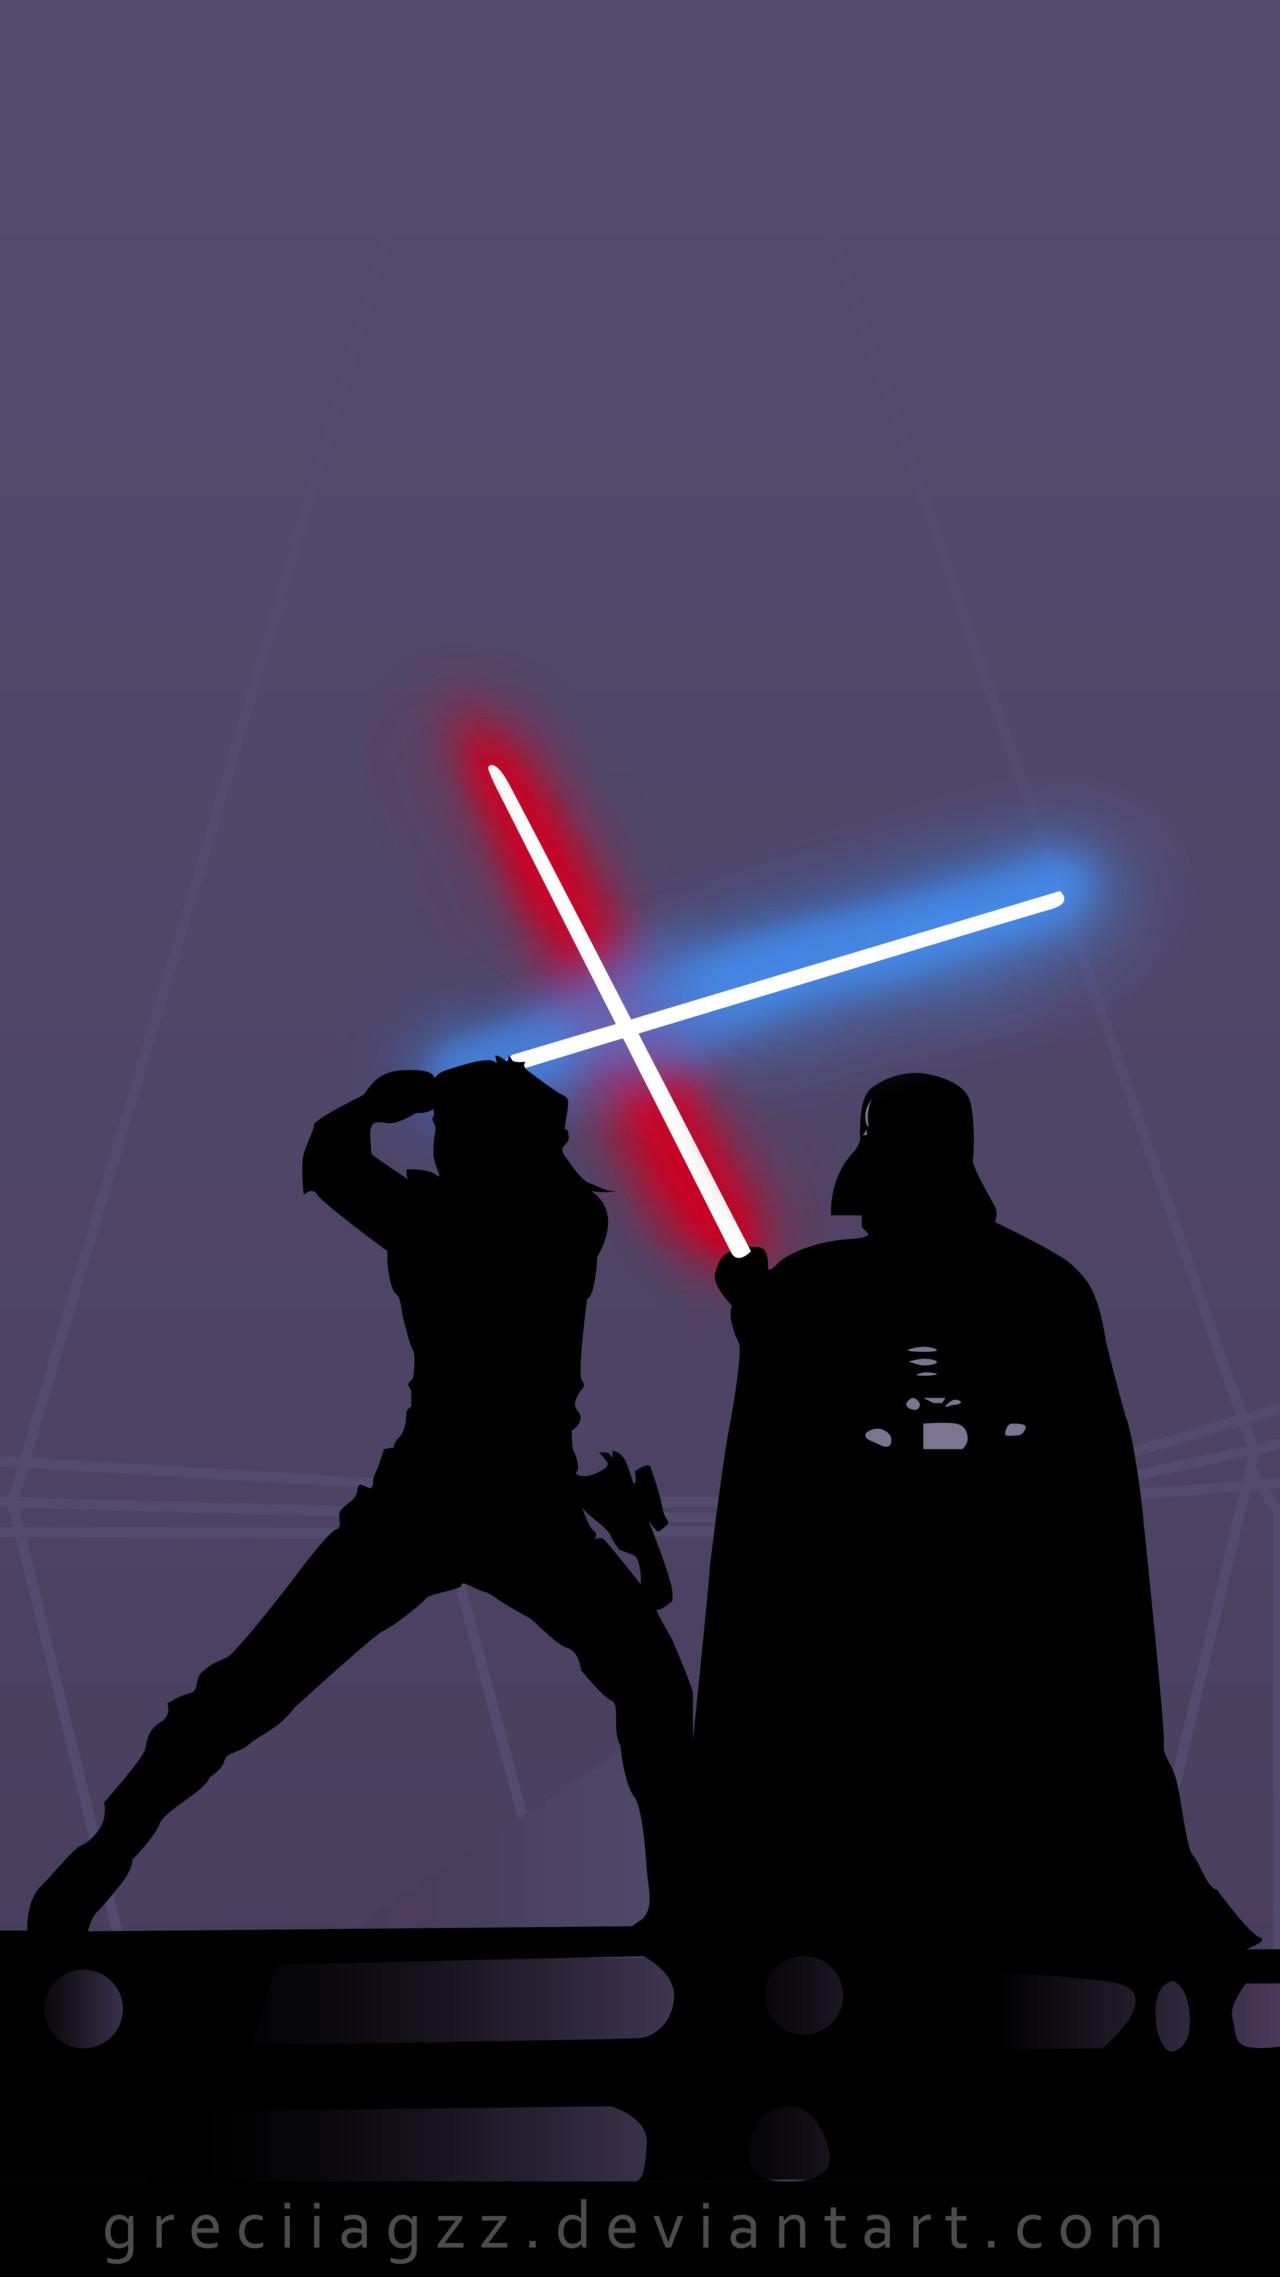 … iPhone Background : Star Wars by greciiagzz